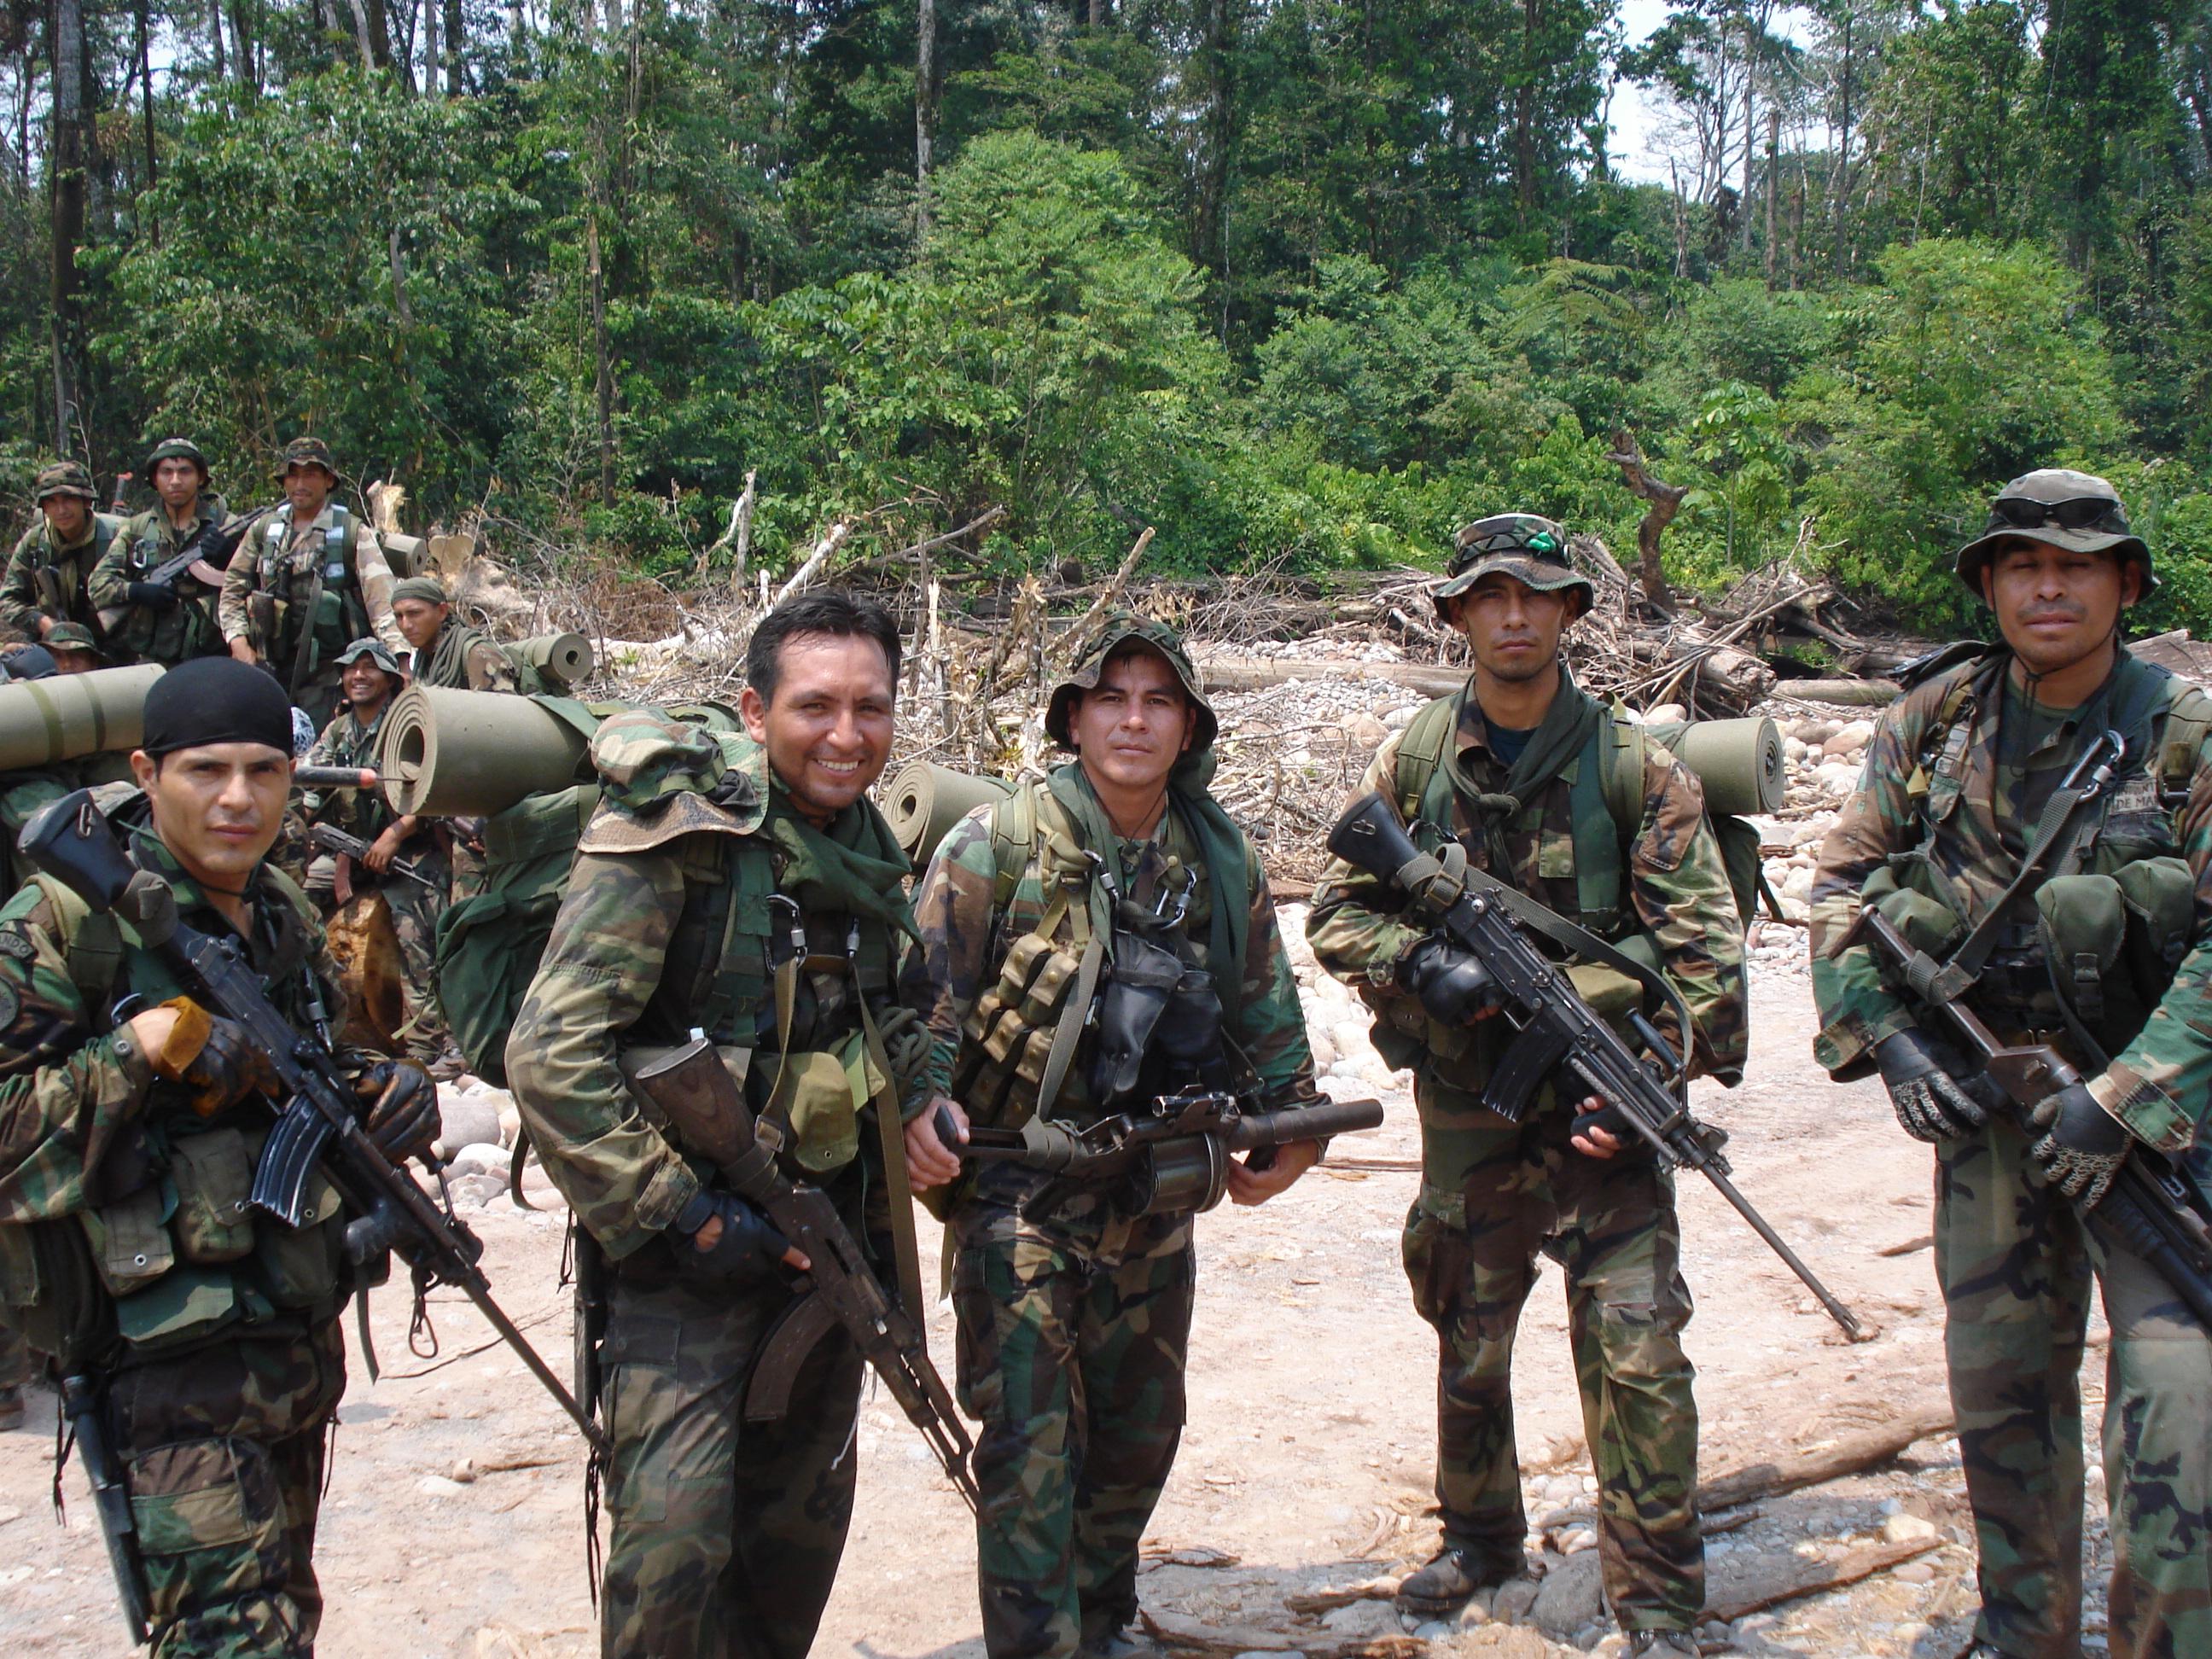 Cloverleaf Home Interiors Trote De Infanteria De Marina Recibimiento A Una Unidad